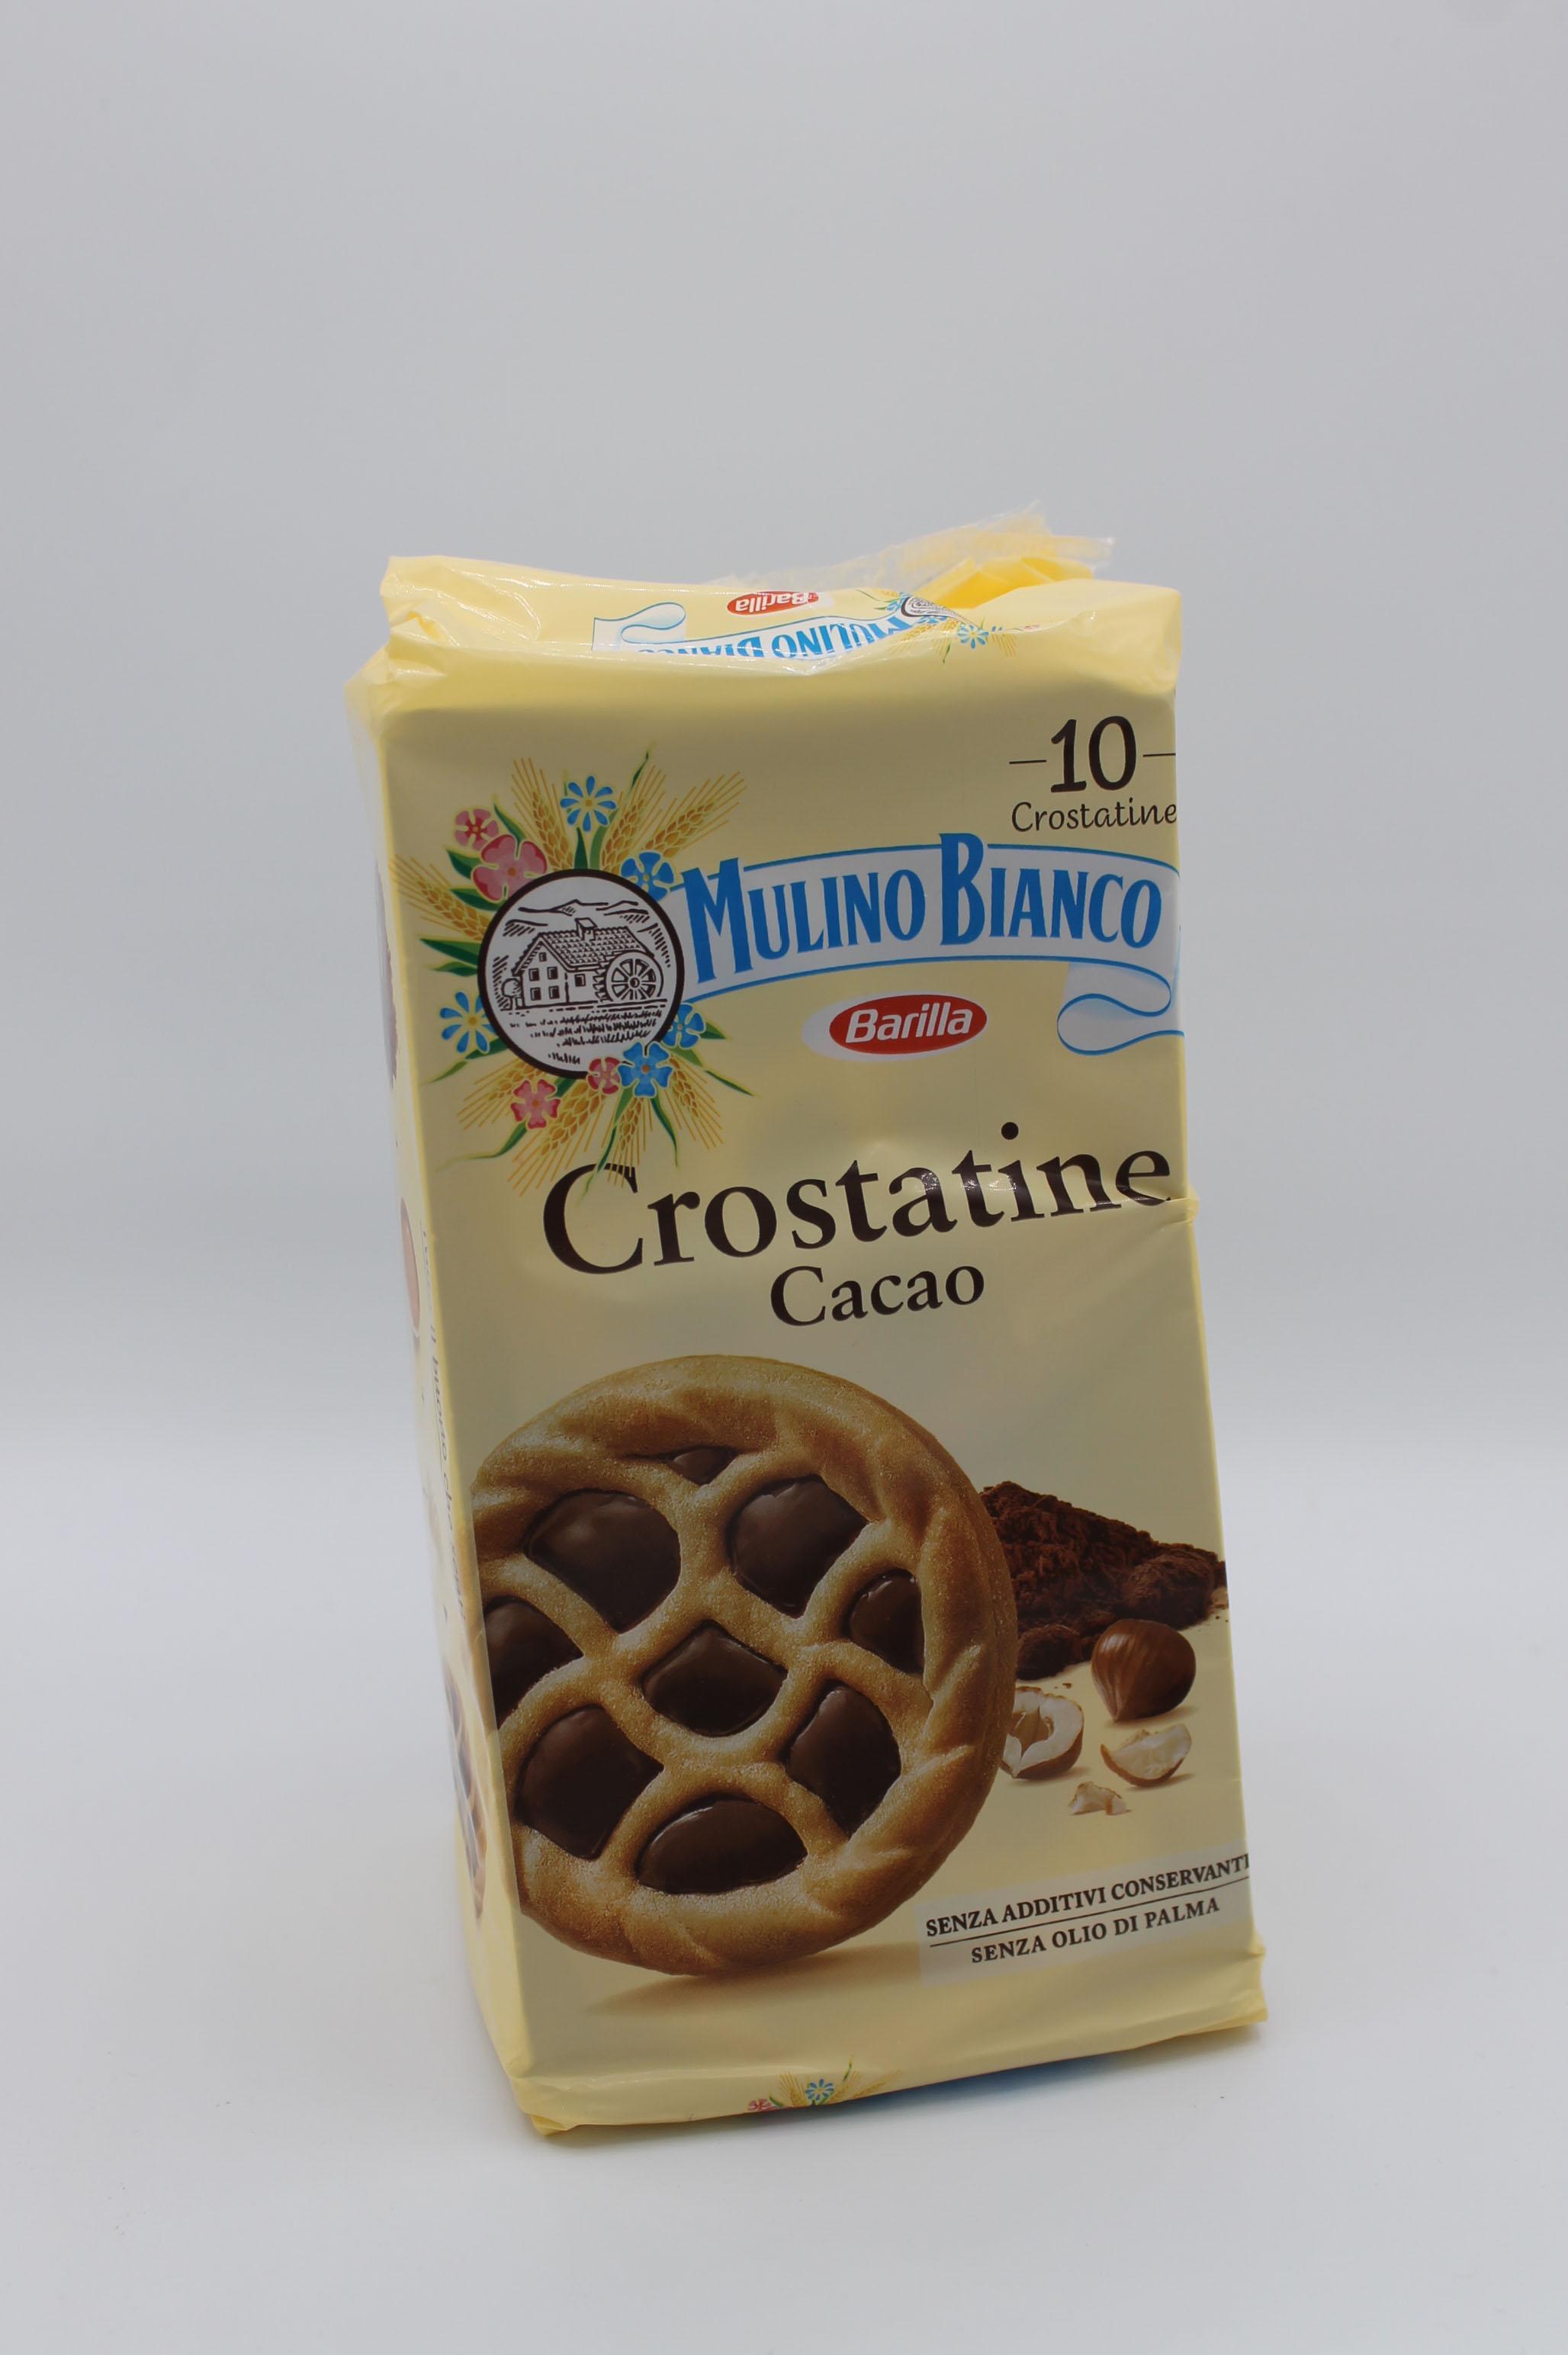 Mulino bianco crostatine barilla 400 gr vari gusti.